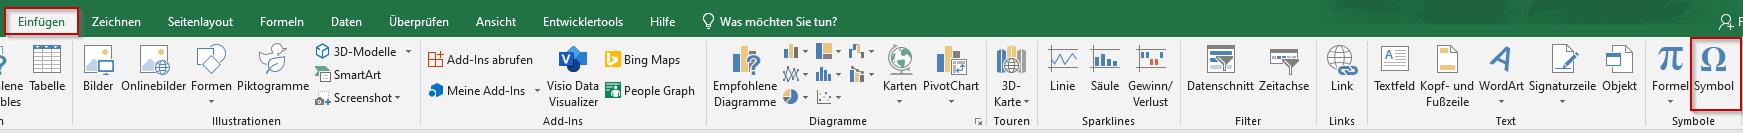 Excel hoch sonderzeichen daumen Daumen hoch: